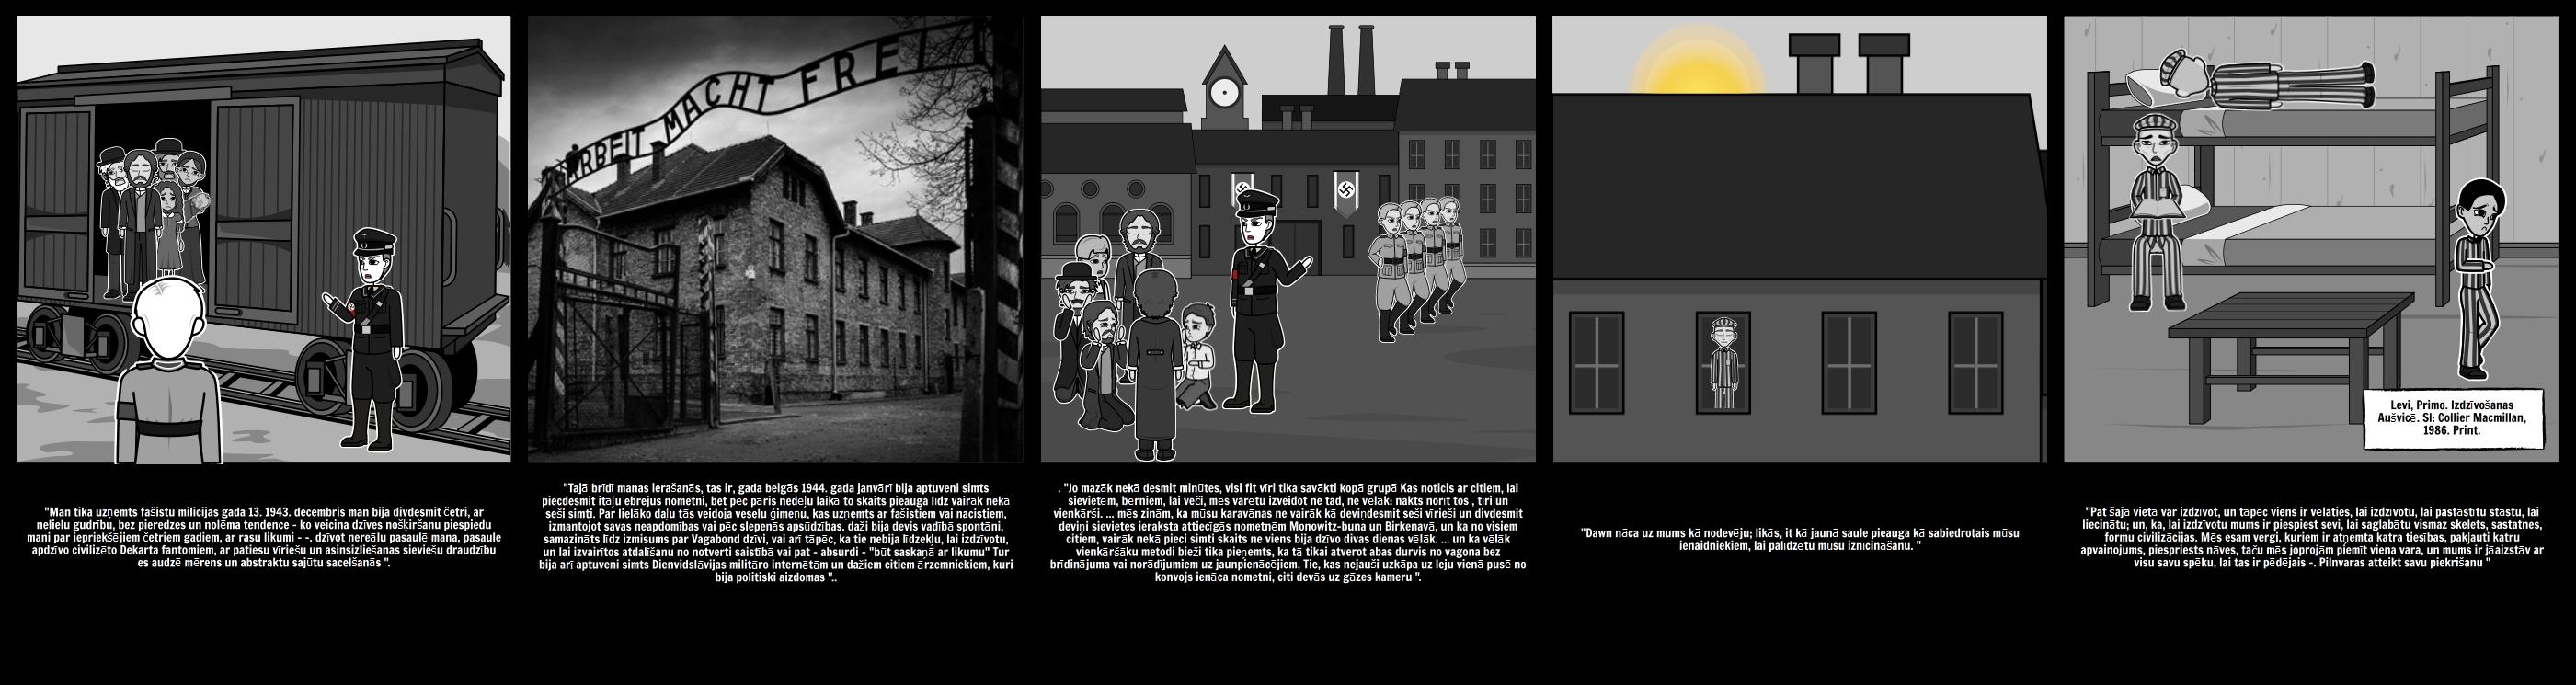 Vēsture Holokaustu - Holokausta Upuriem: Primo Levi